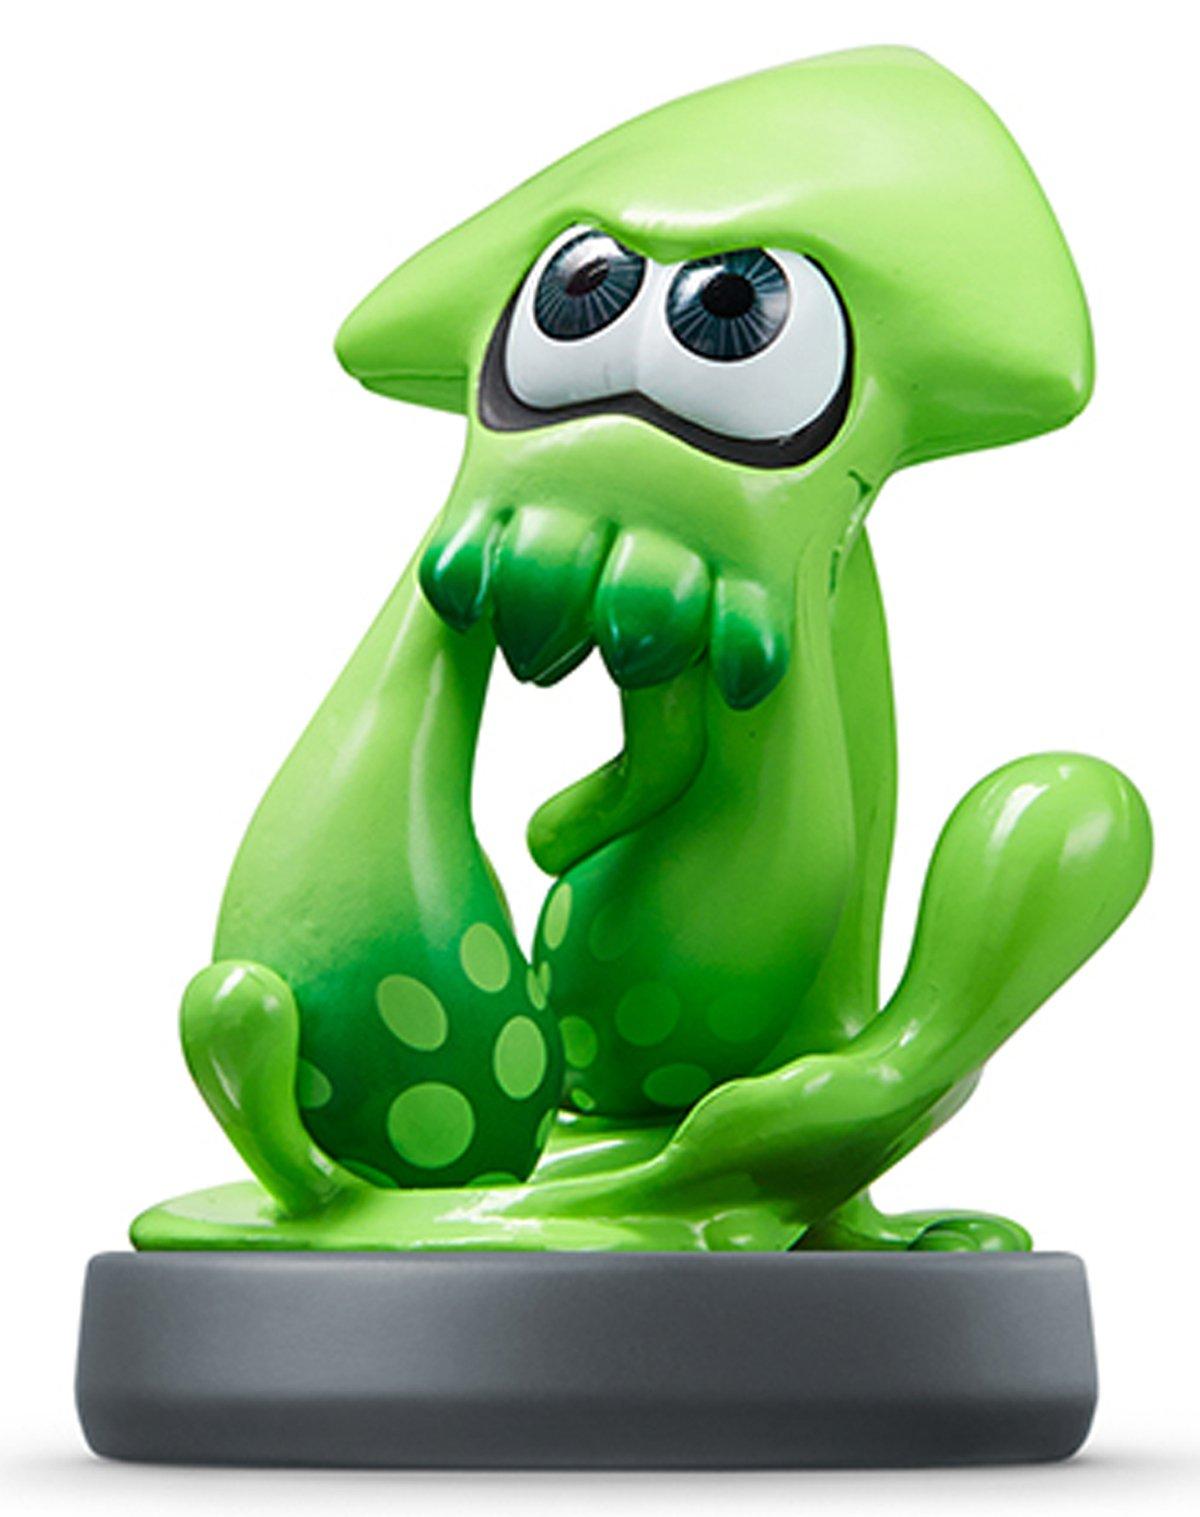 Inkling Squid amiibo - Japan Import (Splatoon Series) by Nintendo